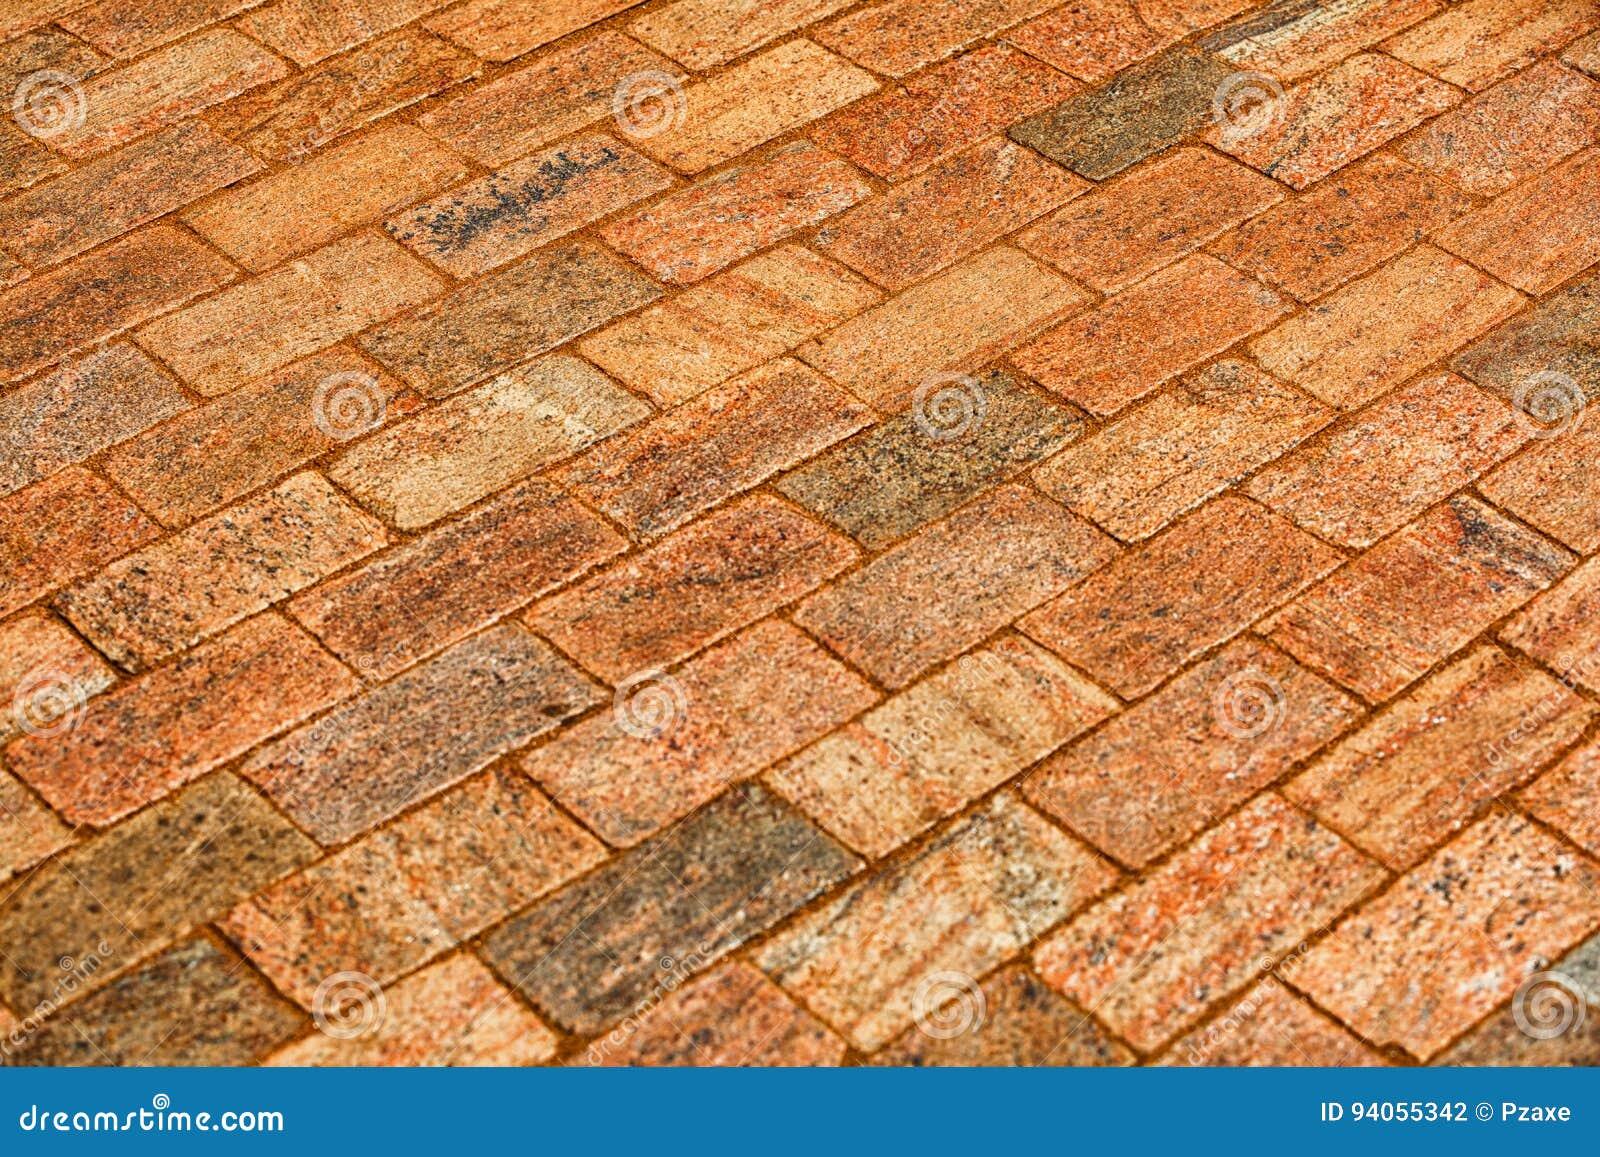 Fußboden Aus Alten Ziegeln ~ Stein deckte fußboden mit ziegeln stockfoto bild von religion